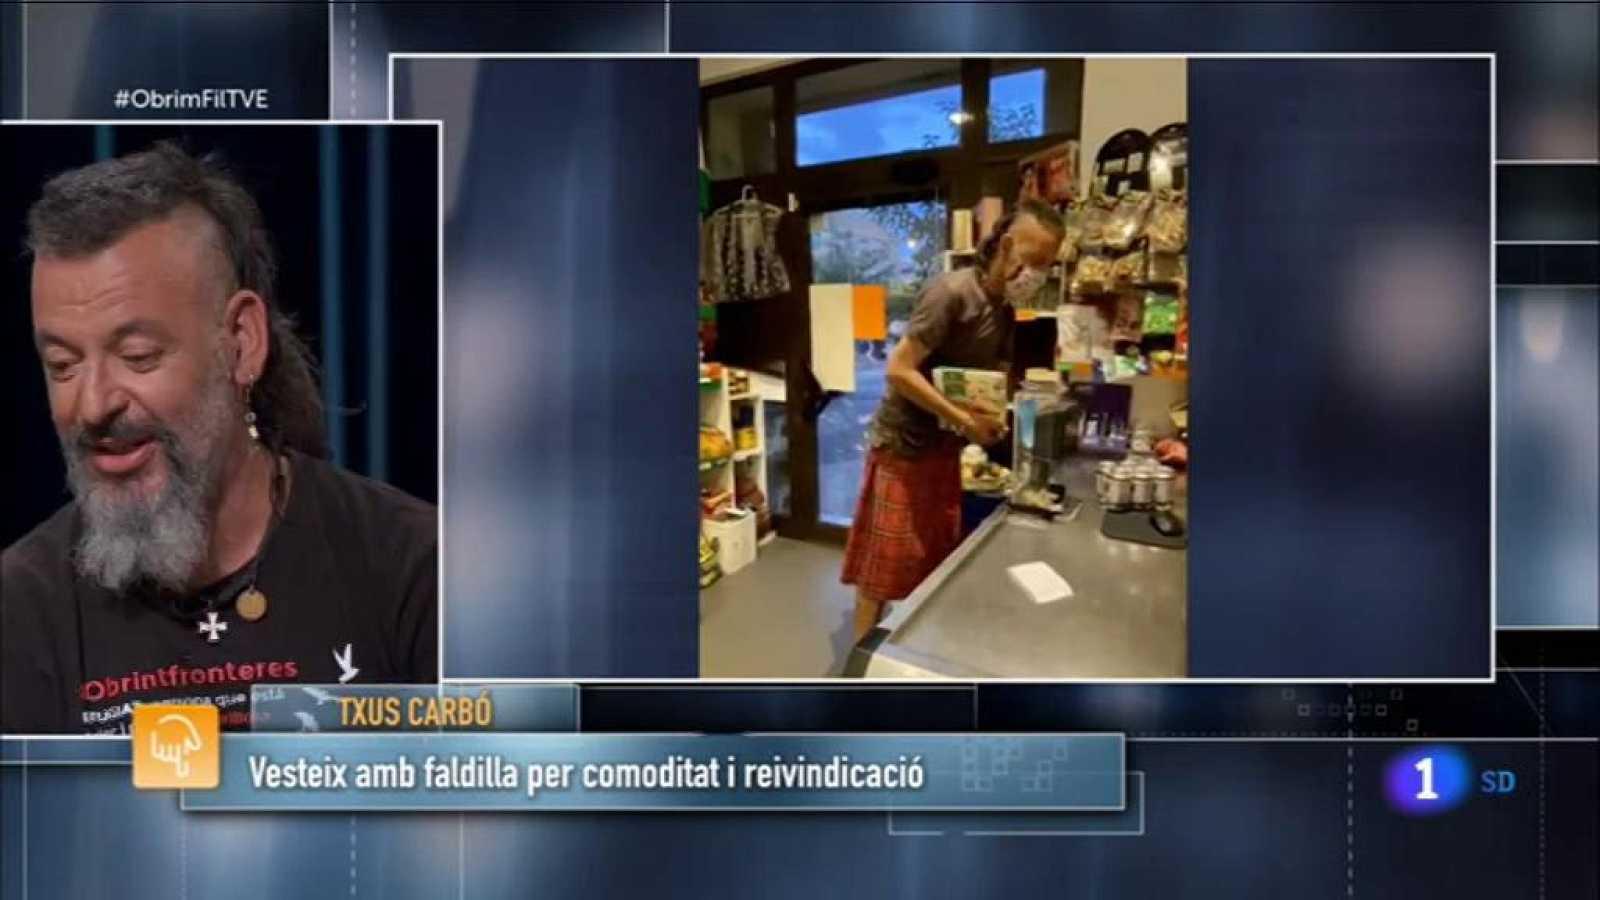 Obrim Fil | Txus Carbó, home militant de les faldilles